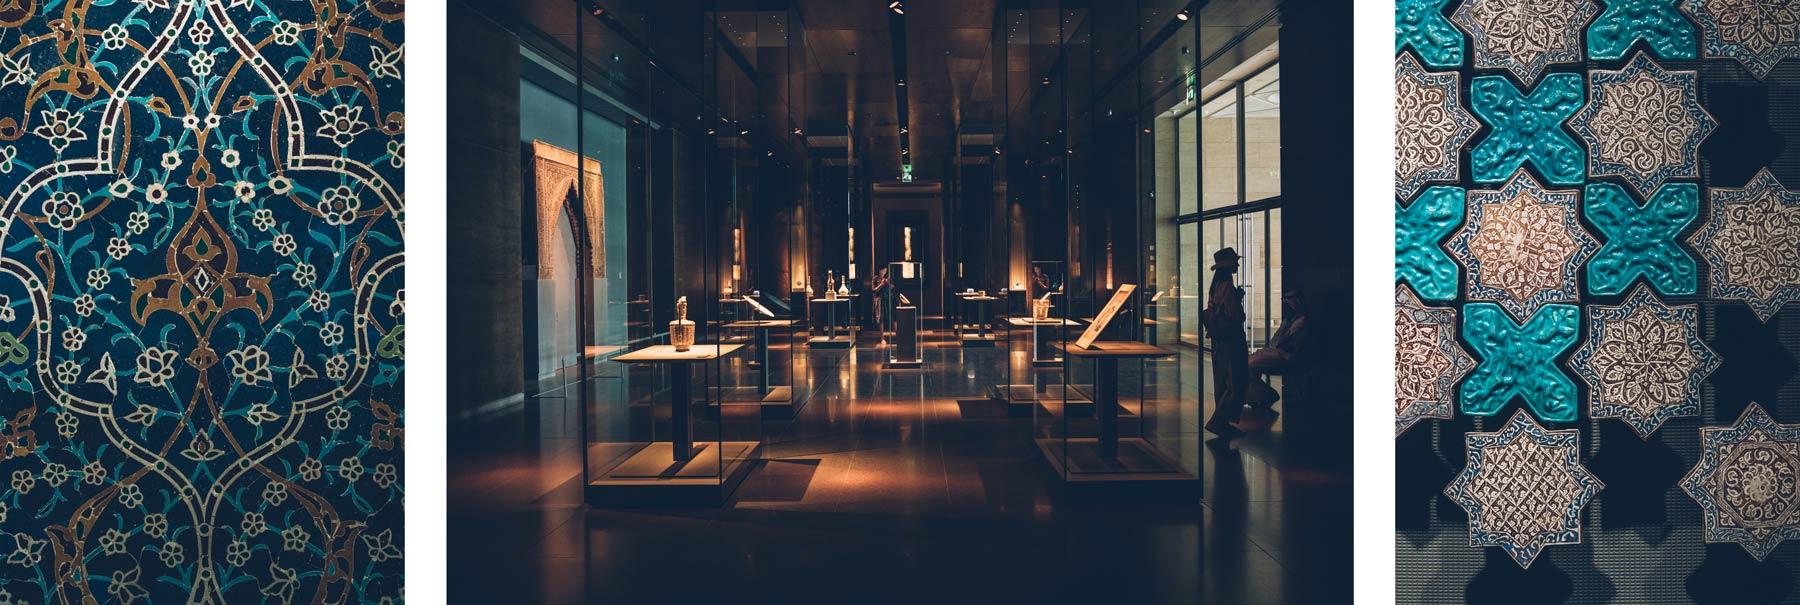 Musée à faire au Qatar: MIA